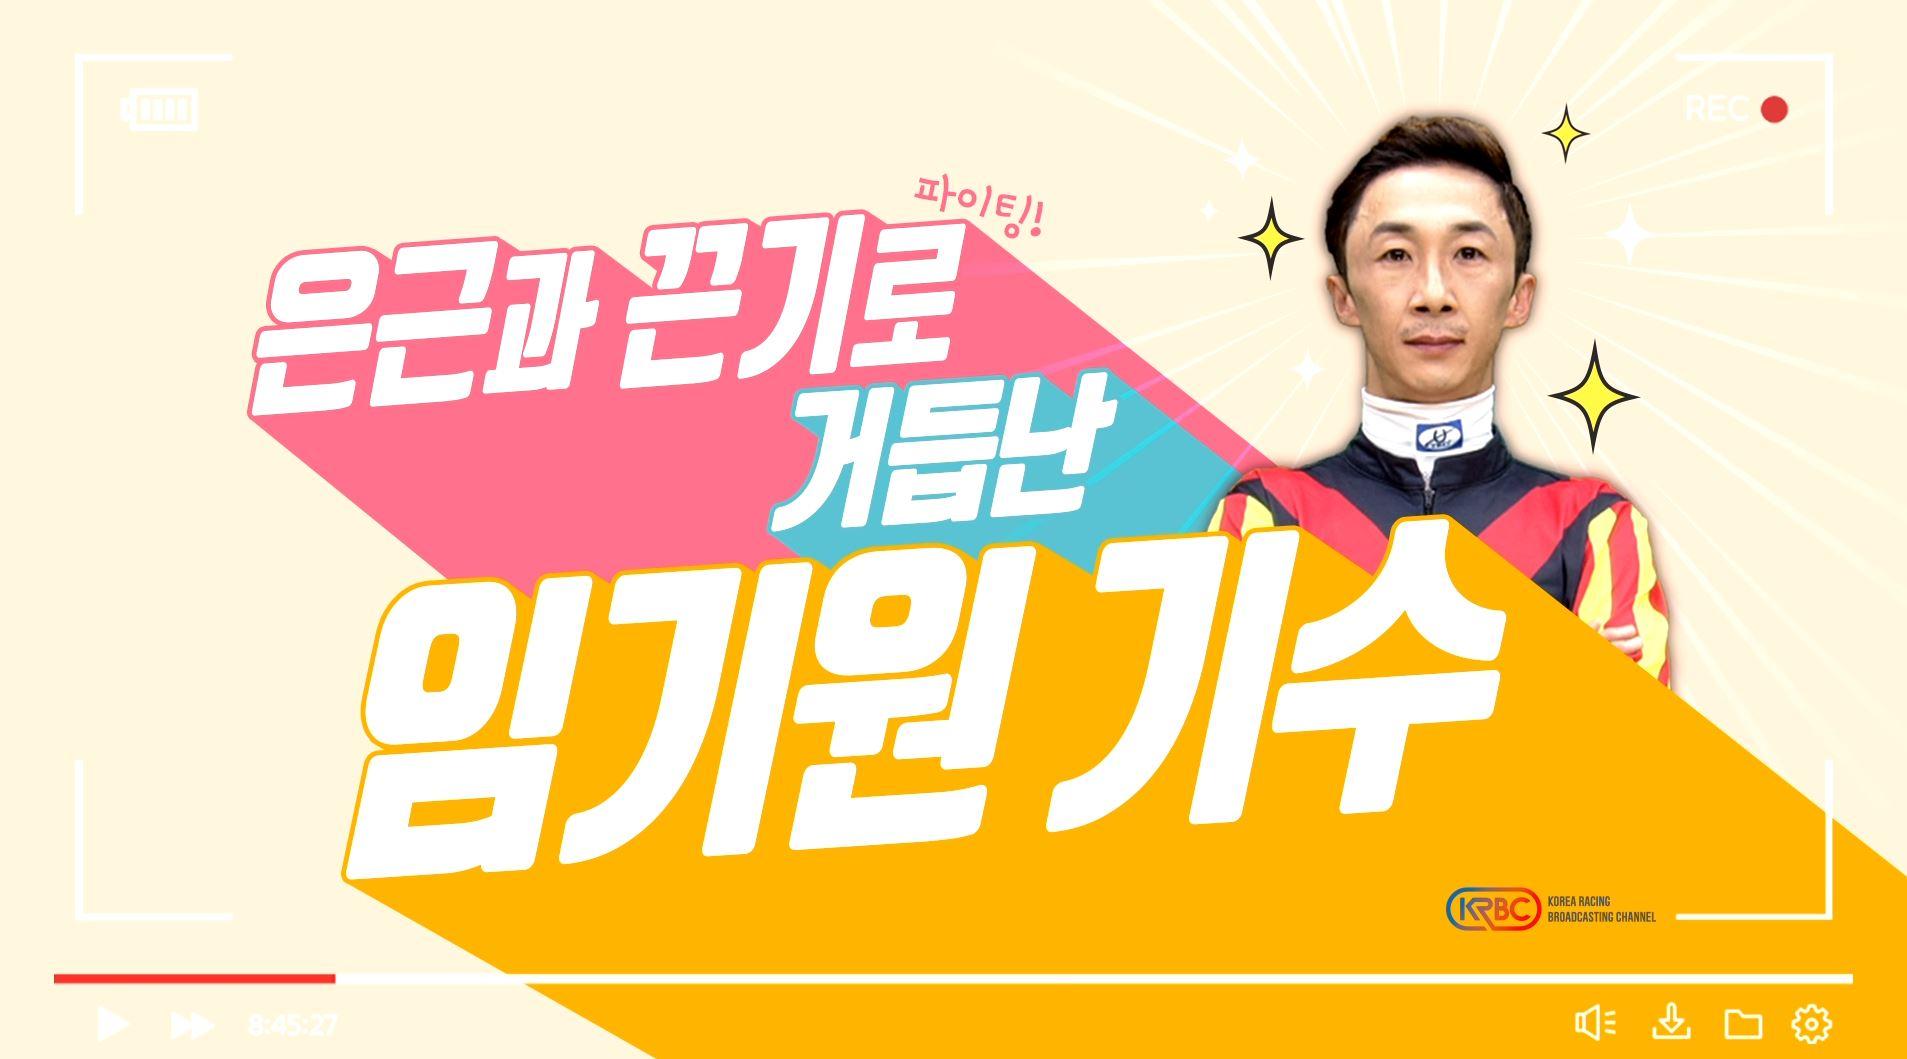 [서울]생생인터뷰1(4월20일) 썸네일 이미지